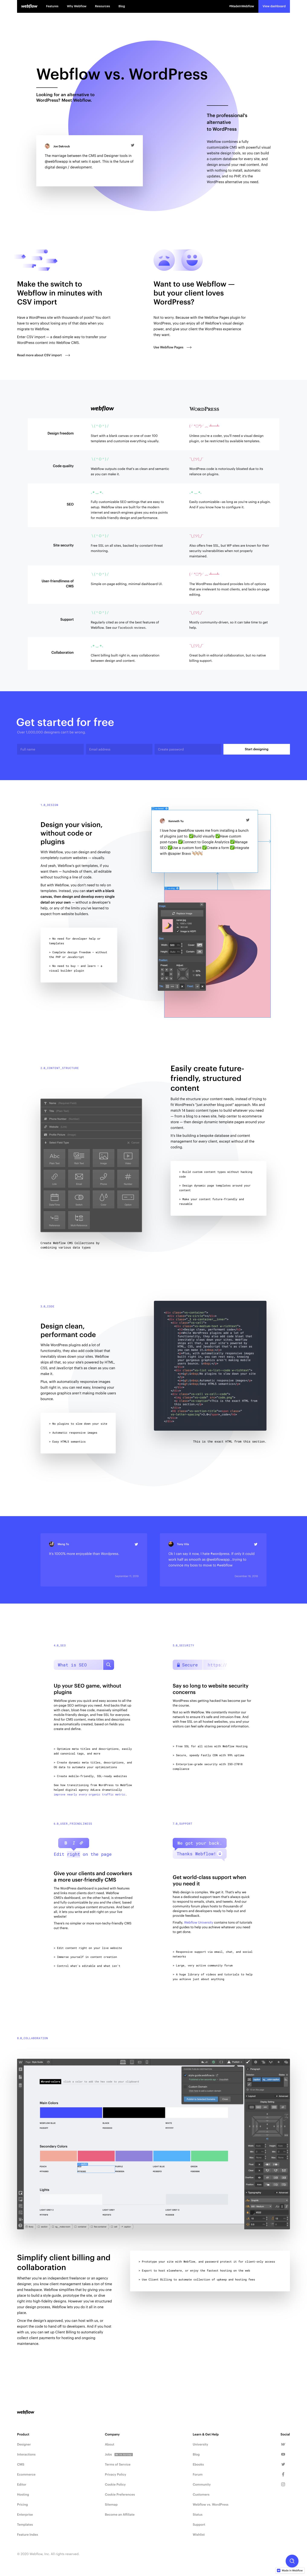 Webflow Comparison Page